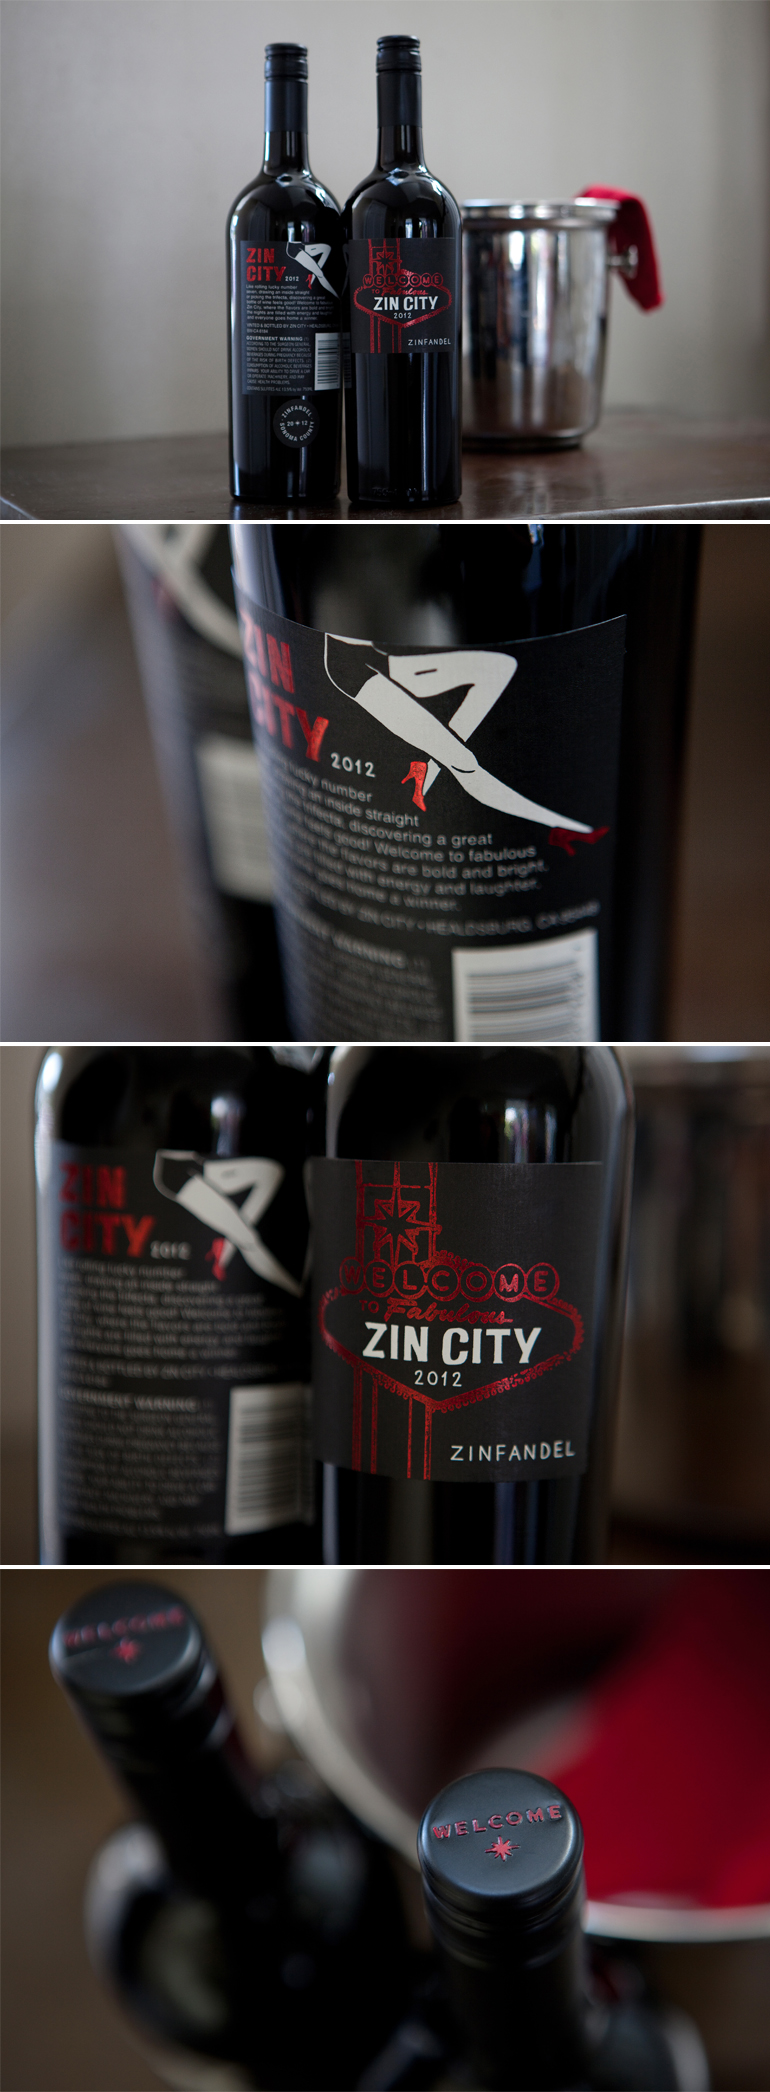 Zin City